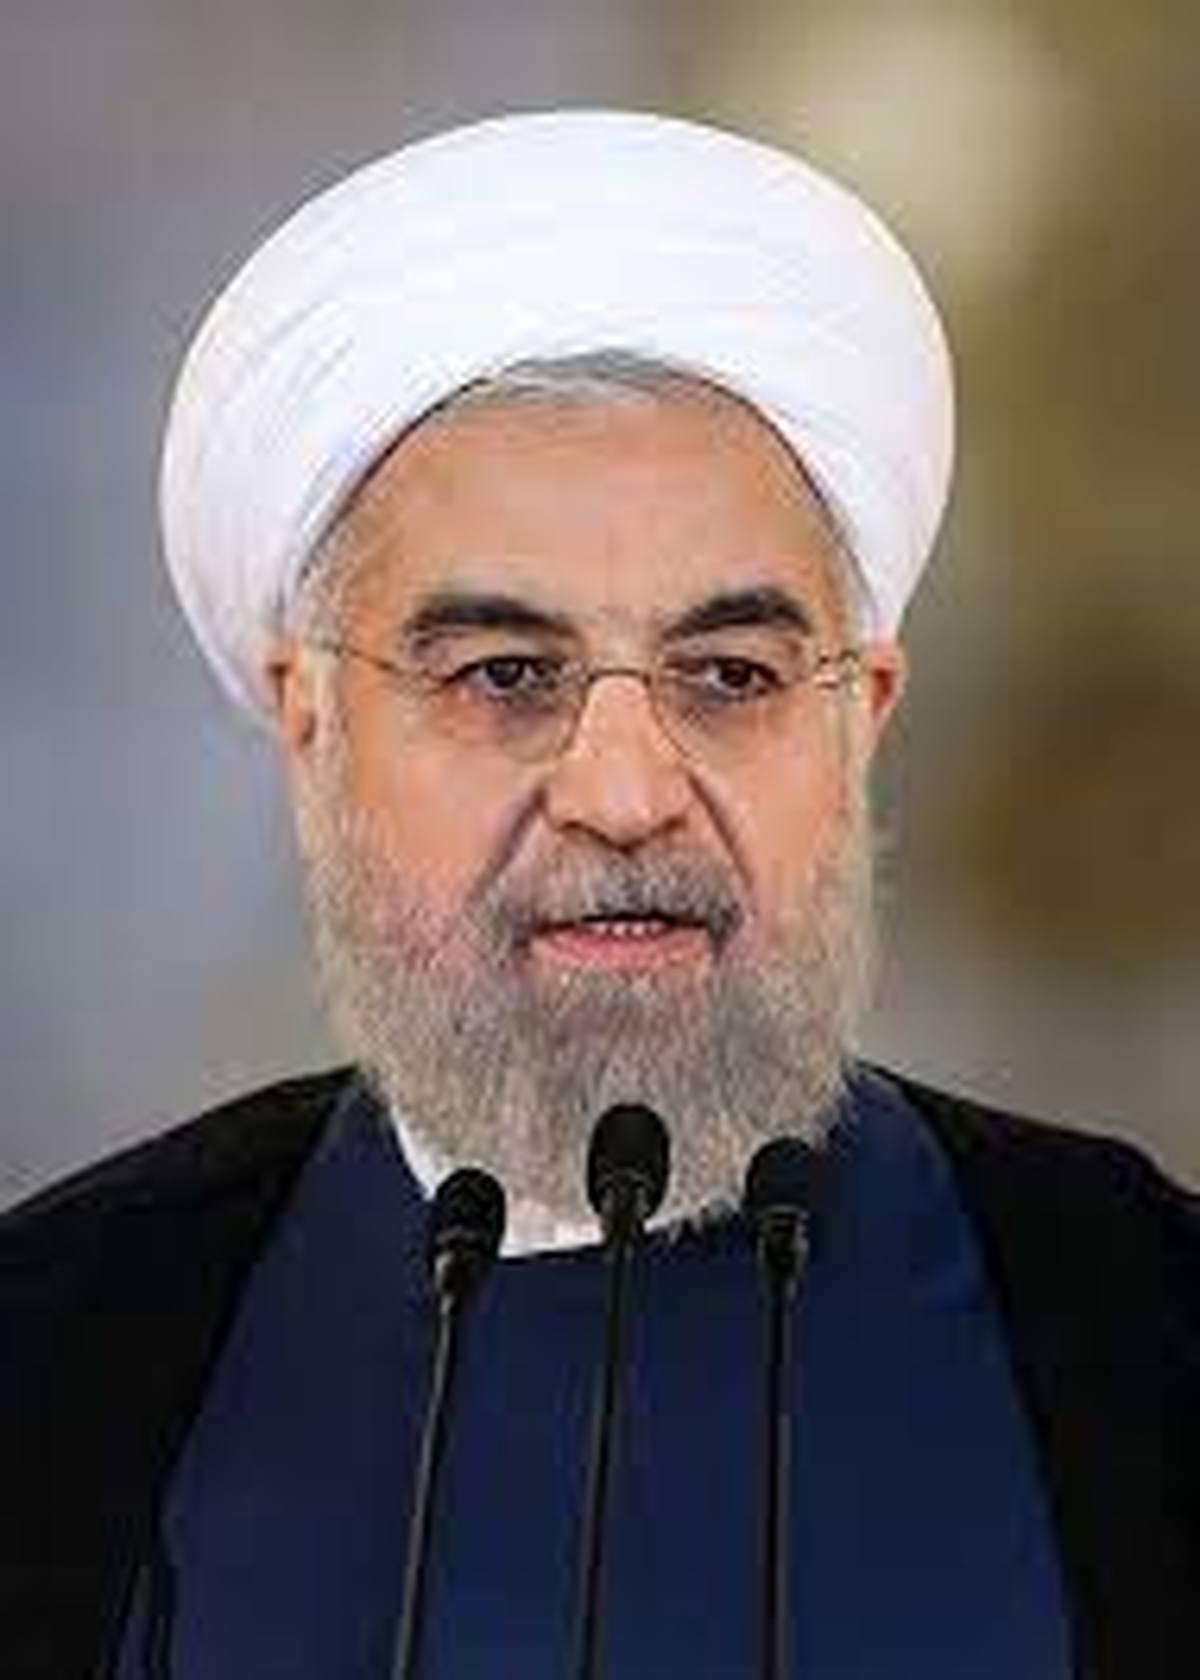 عکاسان خبری مجاز به ثبت لحظه رأی دادن حسن روحانی نشدند